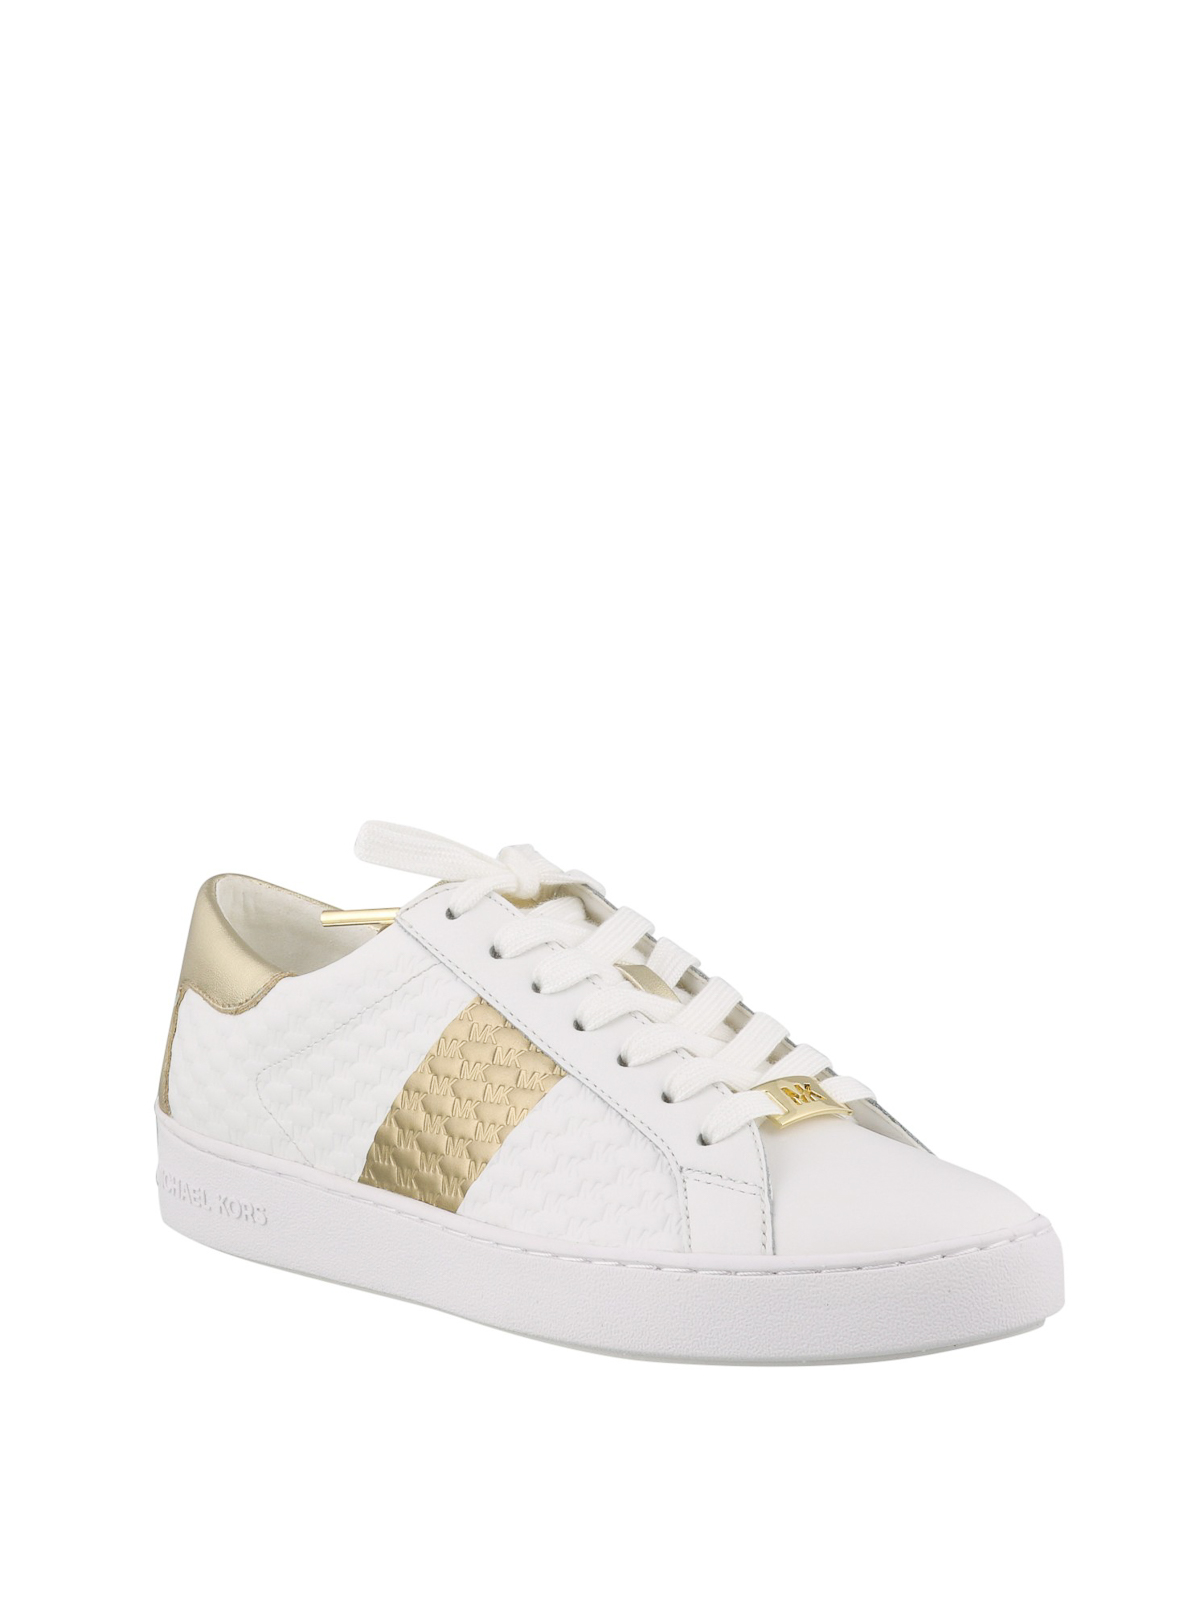 michael kors sneakers colby